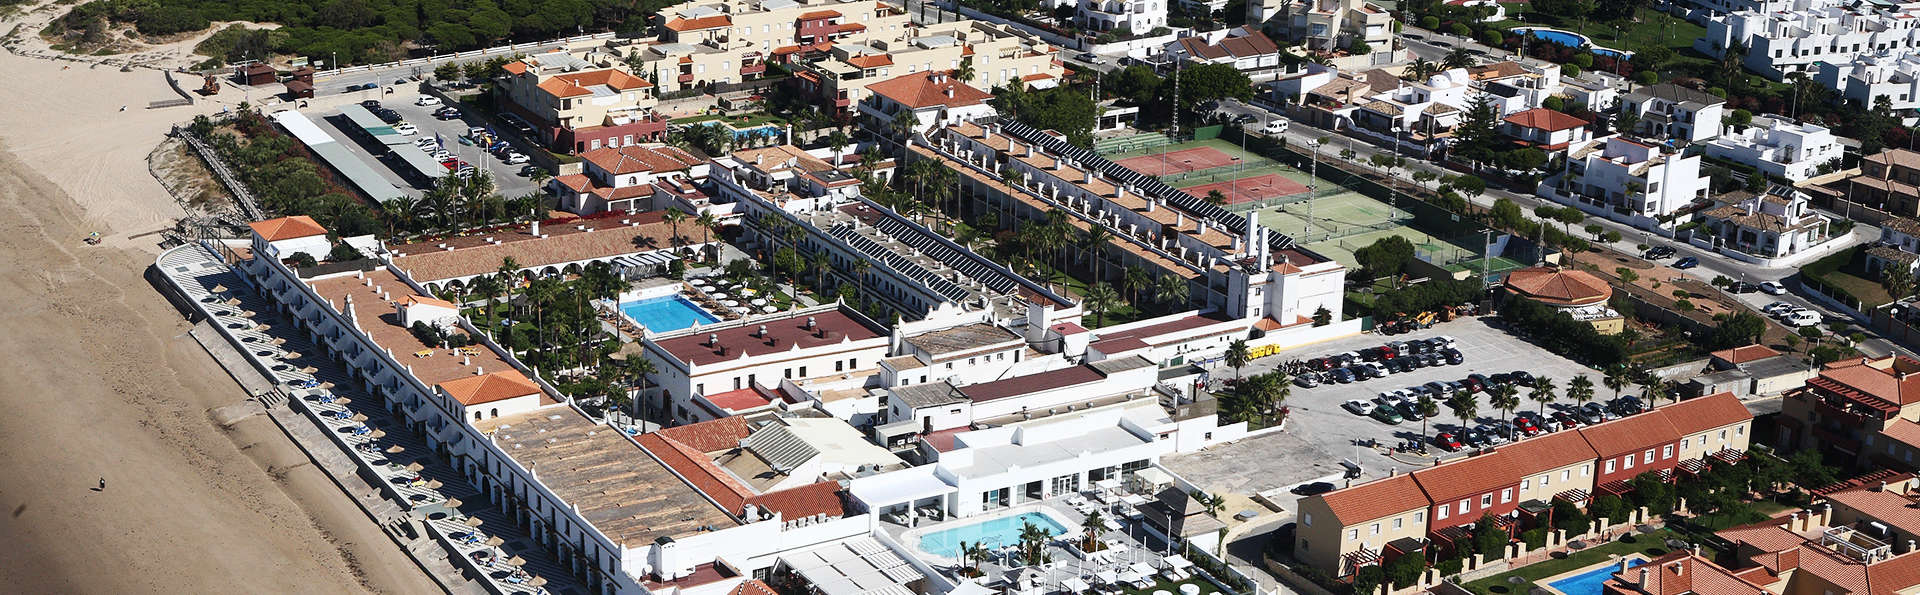 Hotel Playa de la Luz - EDIT_aerea1.jpg